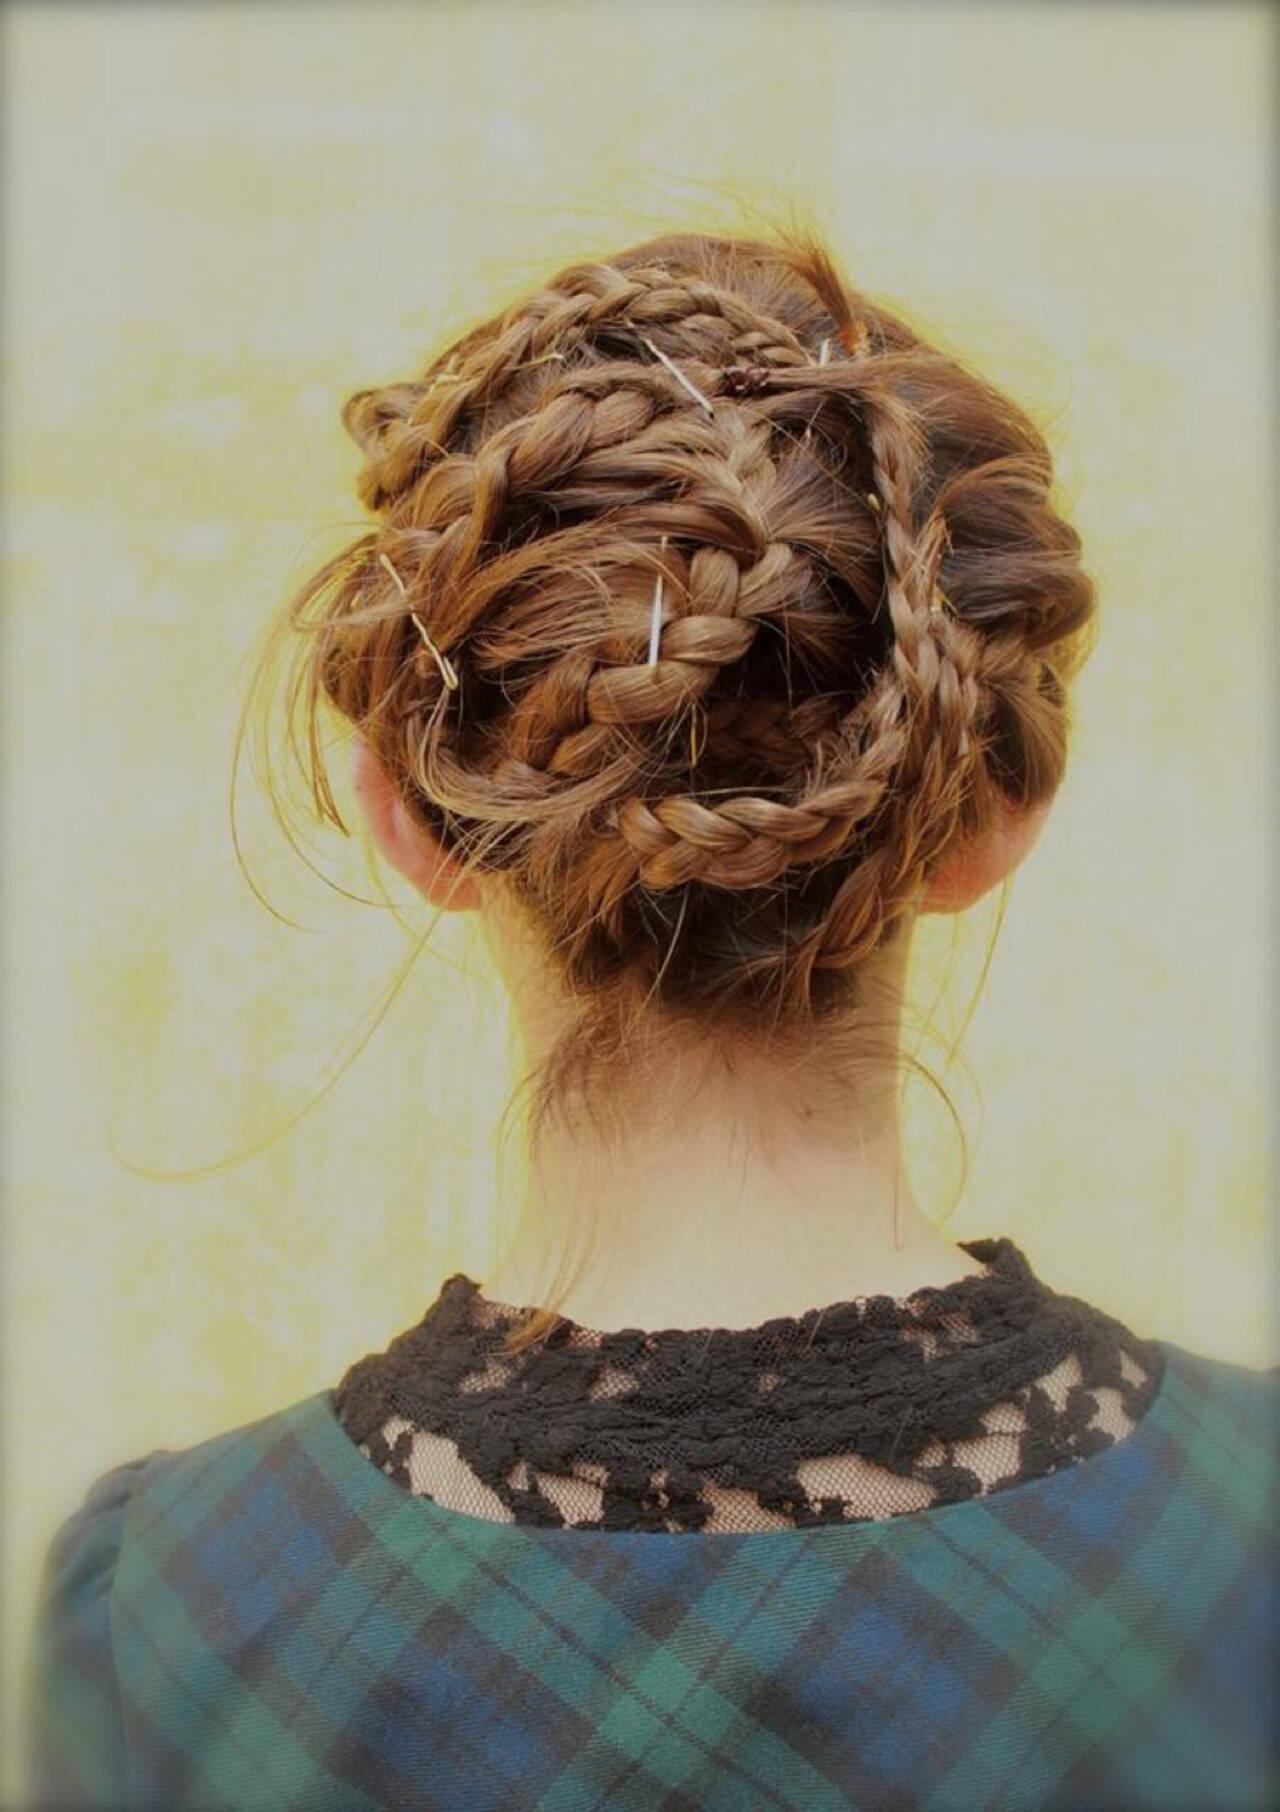 ヘアアレンジ 三つ編み ボブ 前髪ありヘアスタイルや髪型の写真・画像